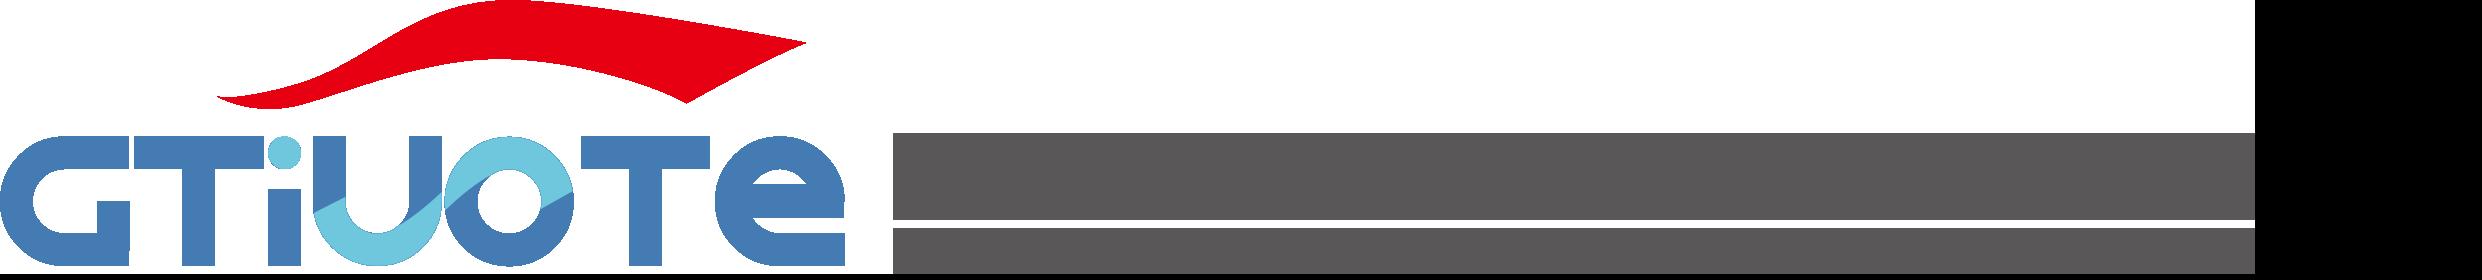 廣東省翻譯教育産業技術創新聯盟